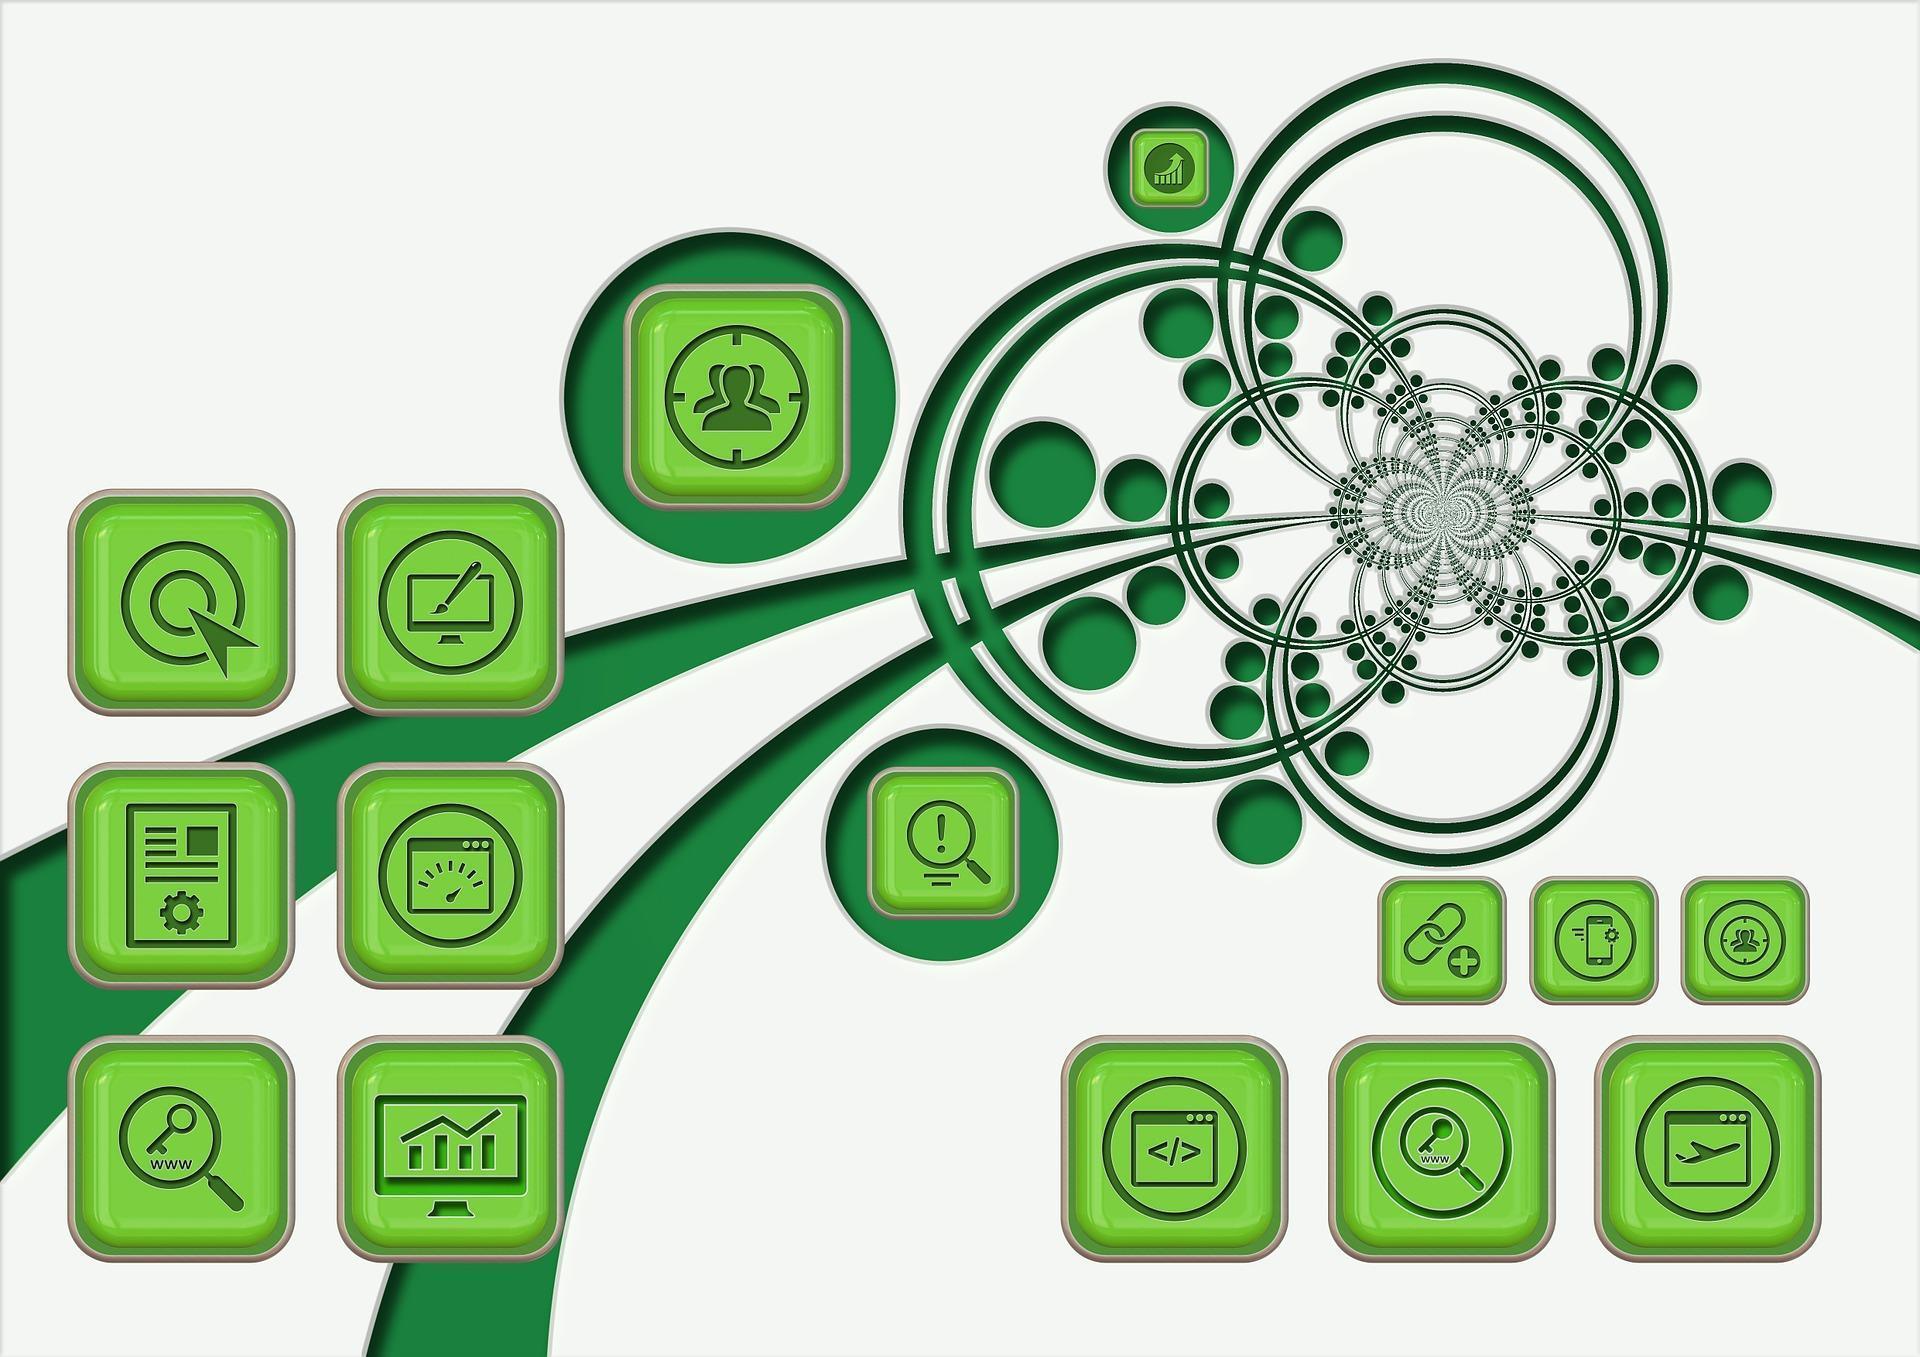 grand-format_fonds-ecran-informatique-et-reseaux-sociaux_3